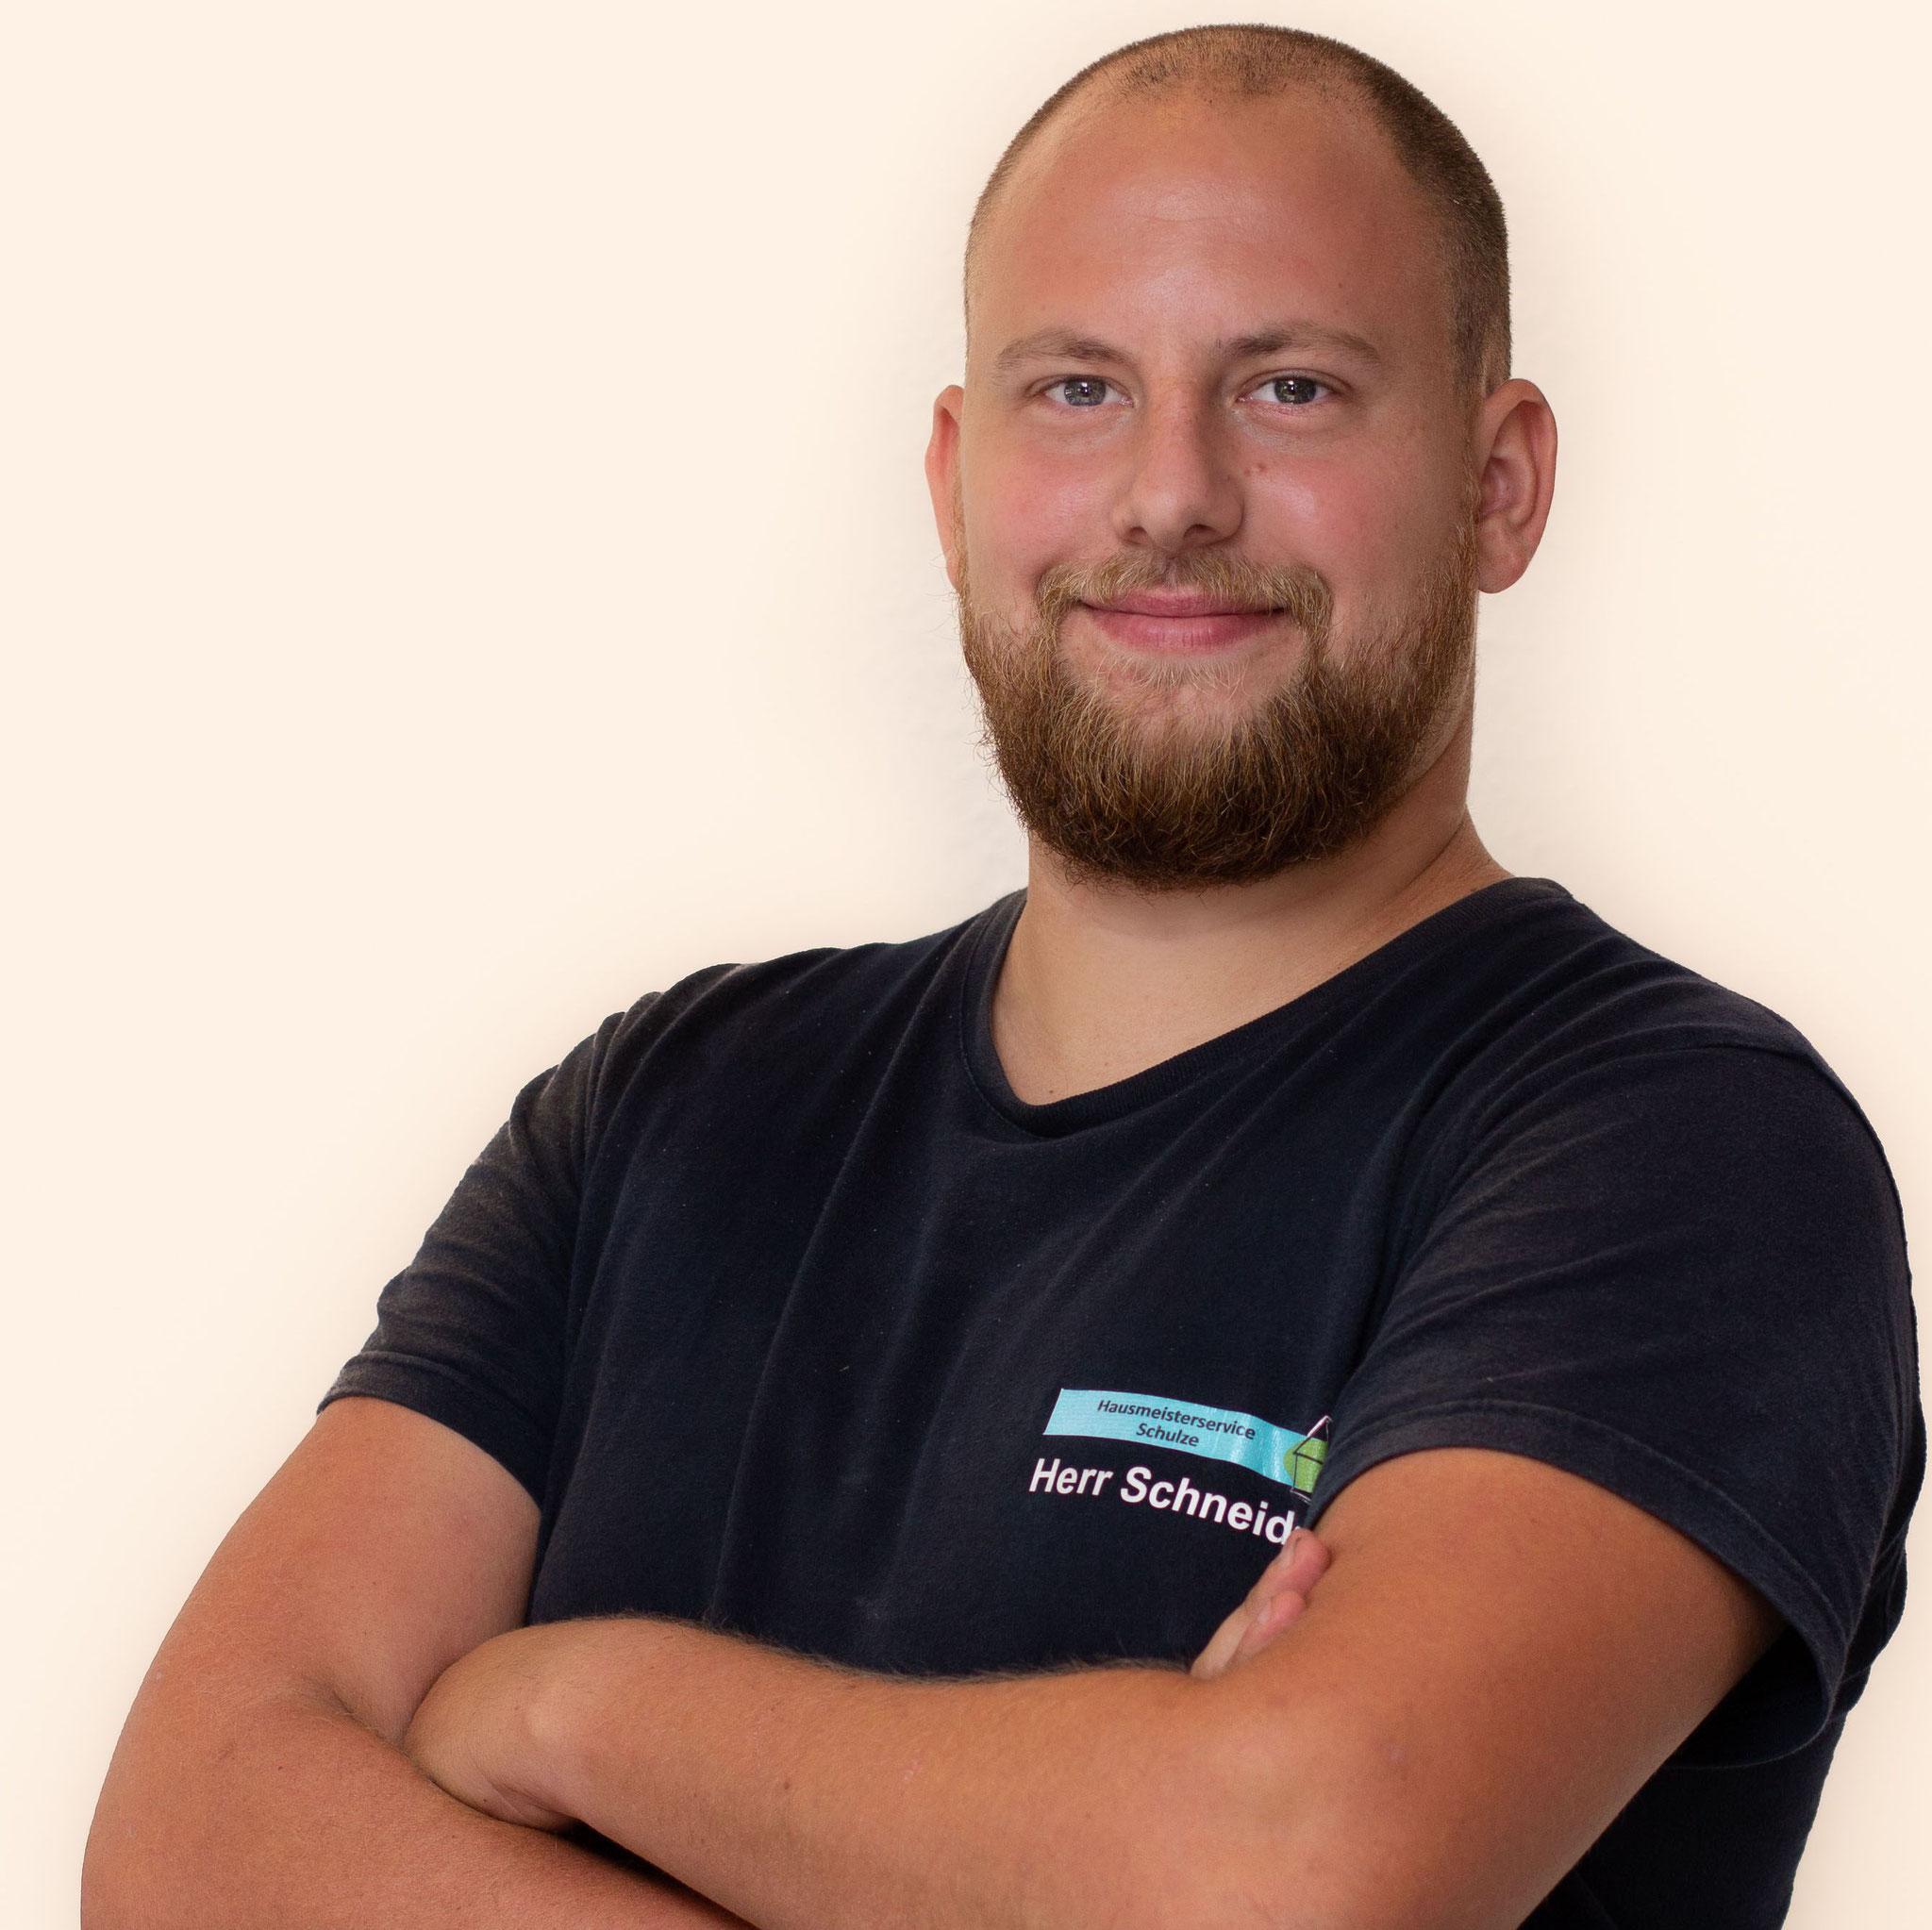 Herr Schneider - Haustechniker